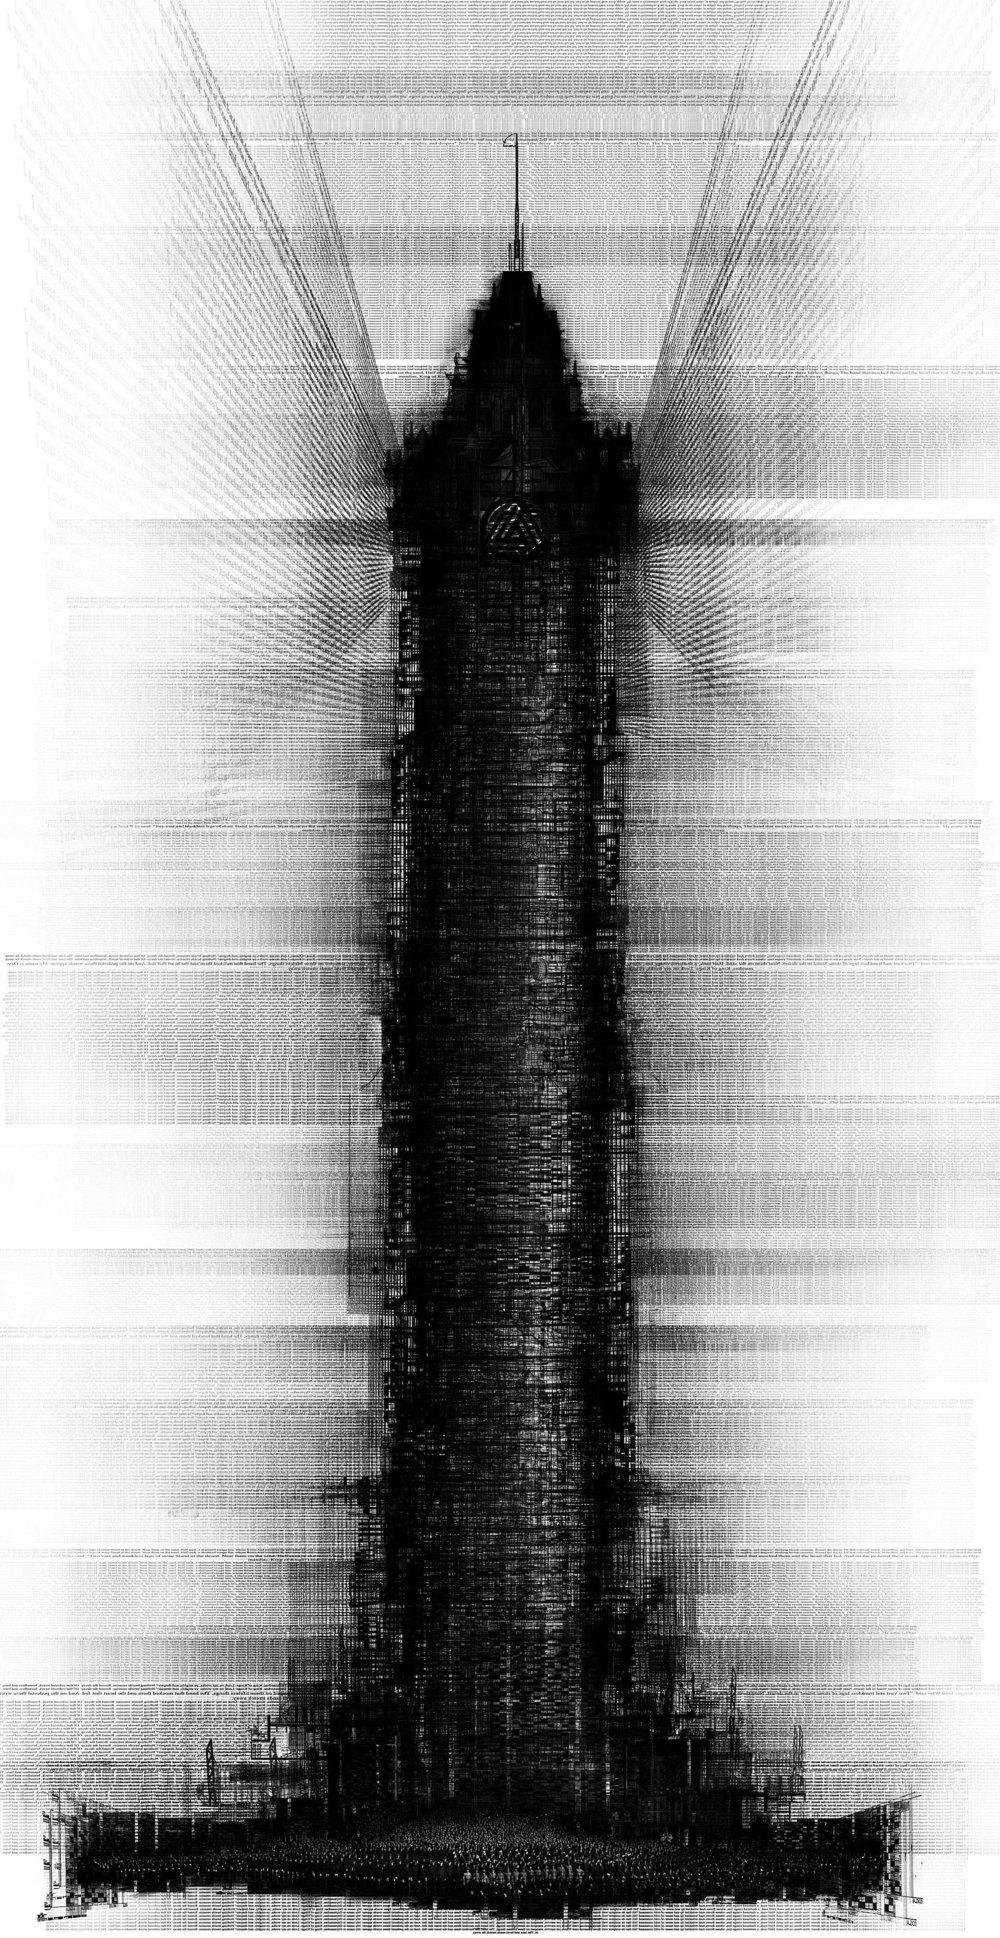 Corporium 2009 30 in. x 55 in. archival inkjet print